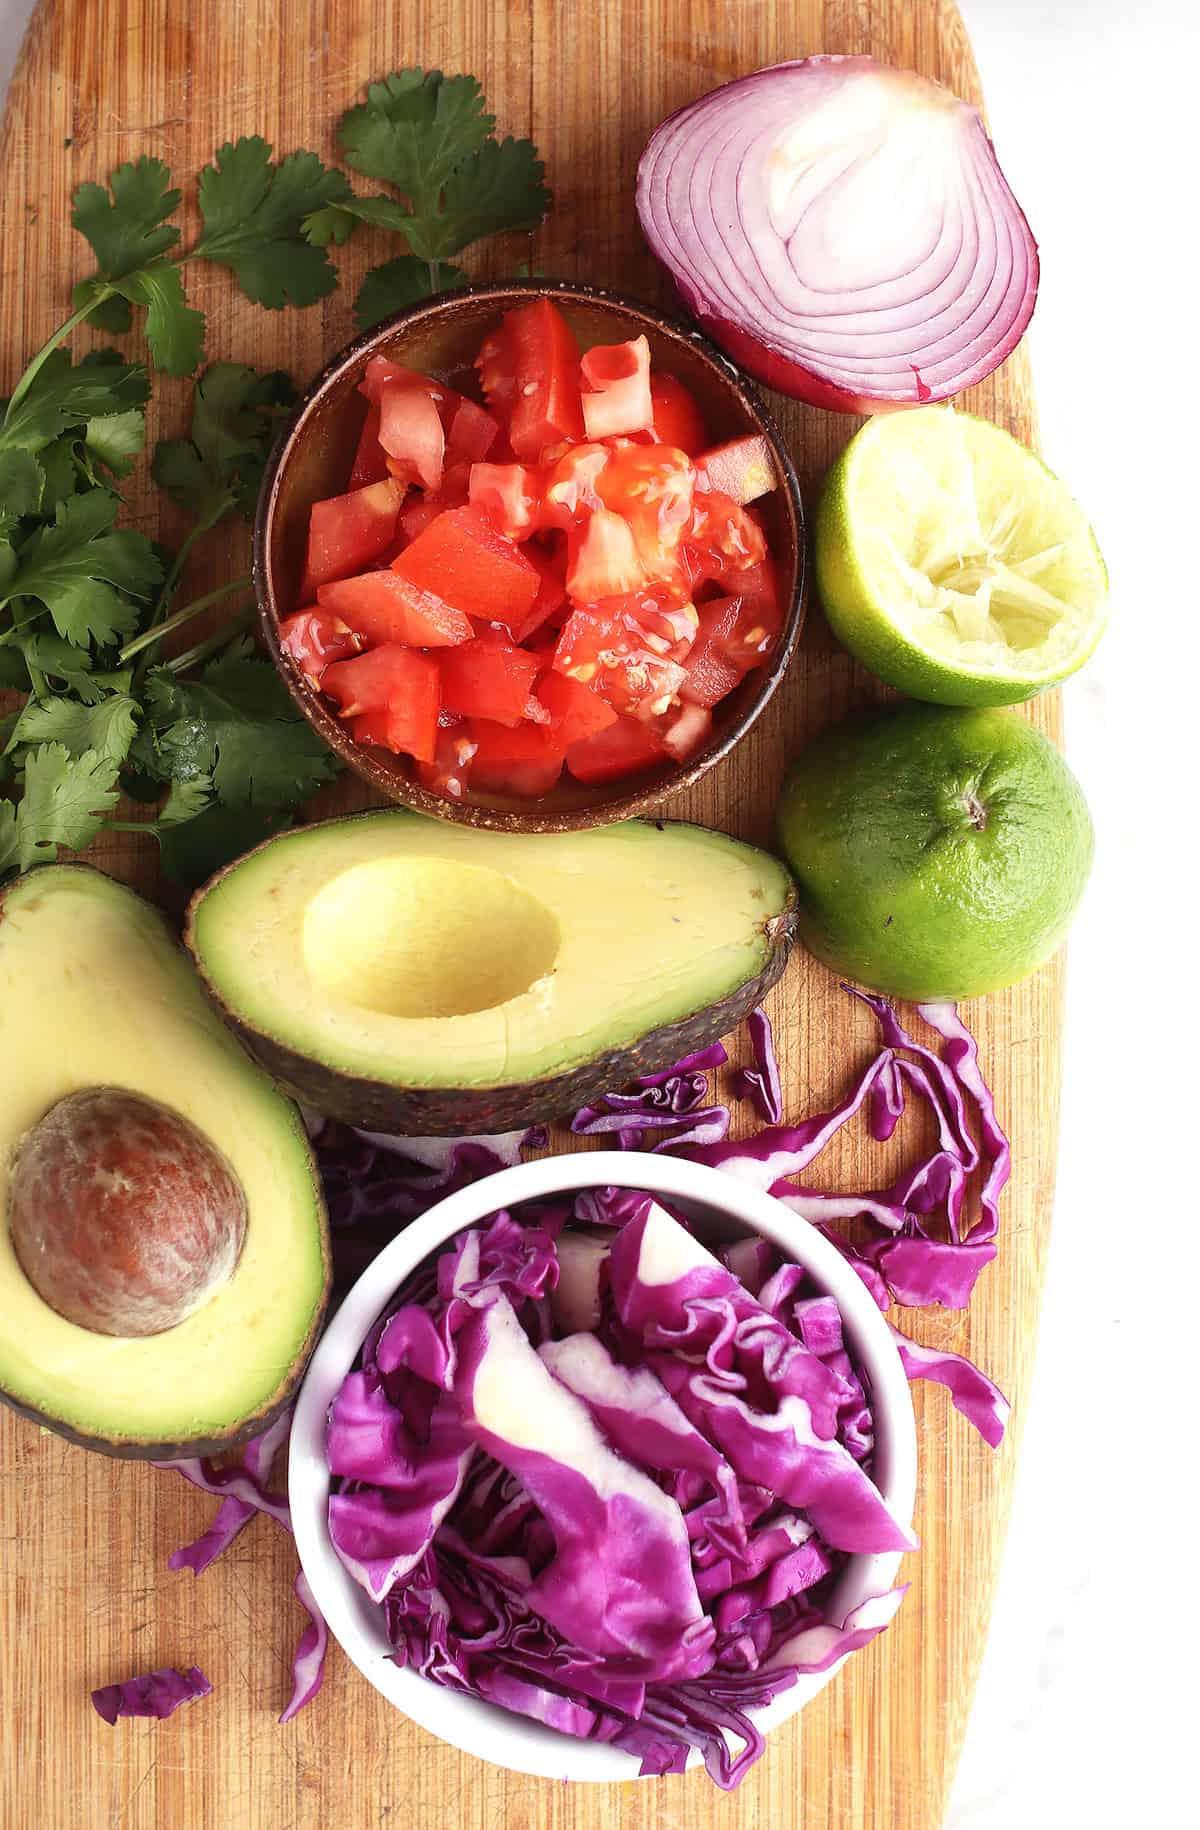 Avocado, tomato, cabbage, and cilantro on cutting board